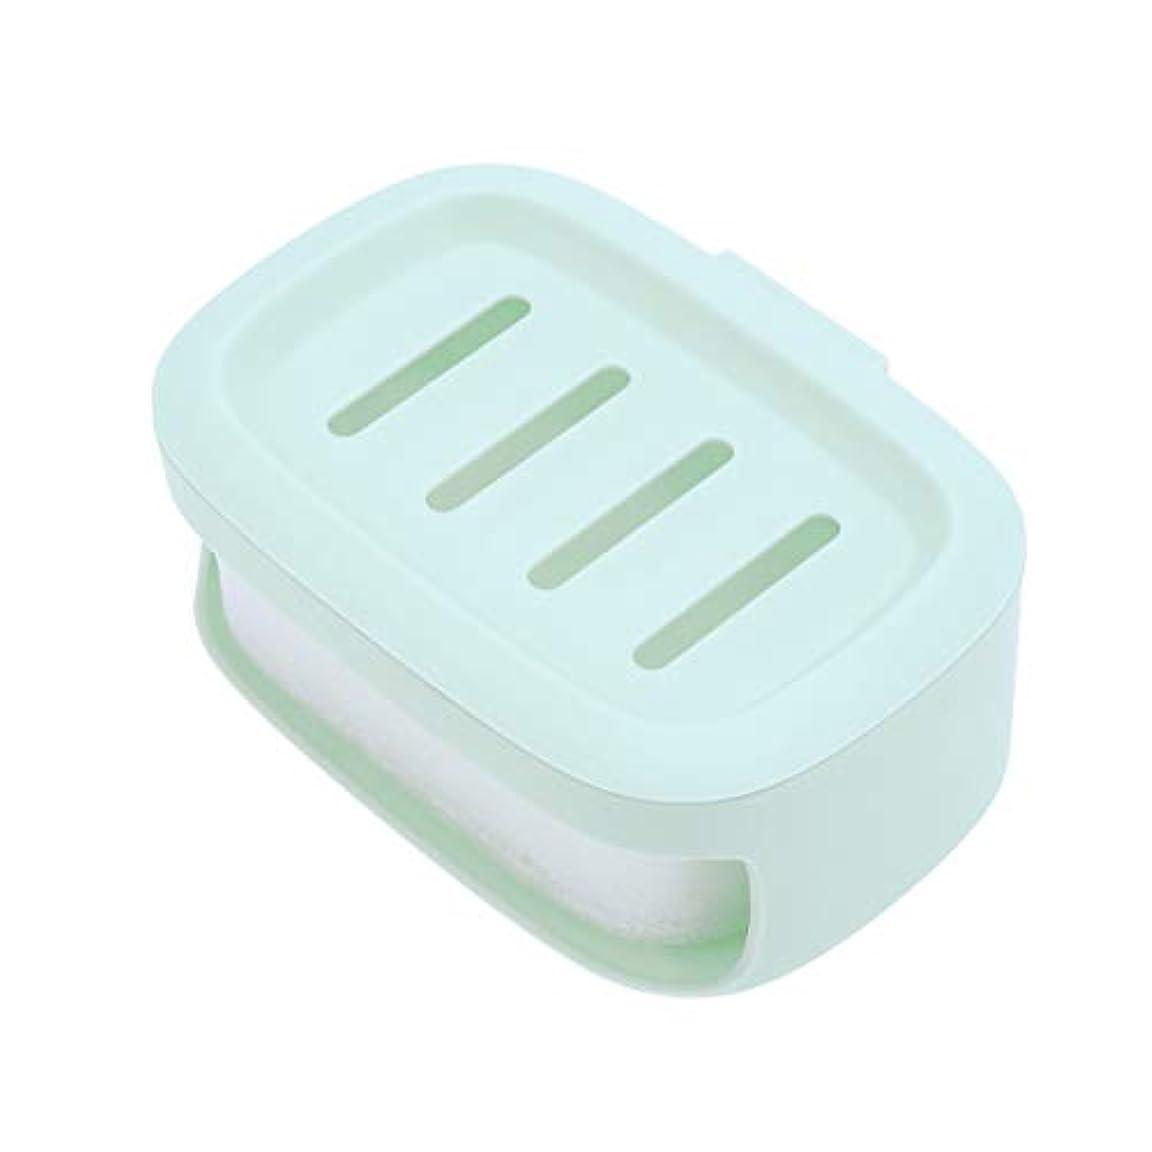 除去かる不愉快にHealifty ソープボックス防水シールソープコンテナソープホルダー(ライトグリーン)